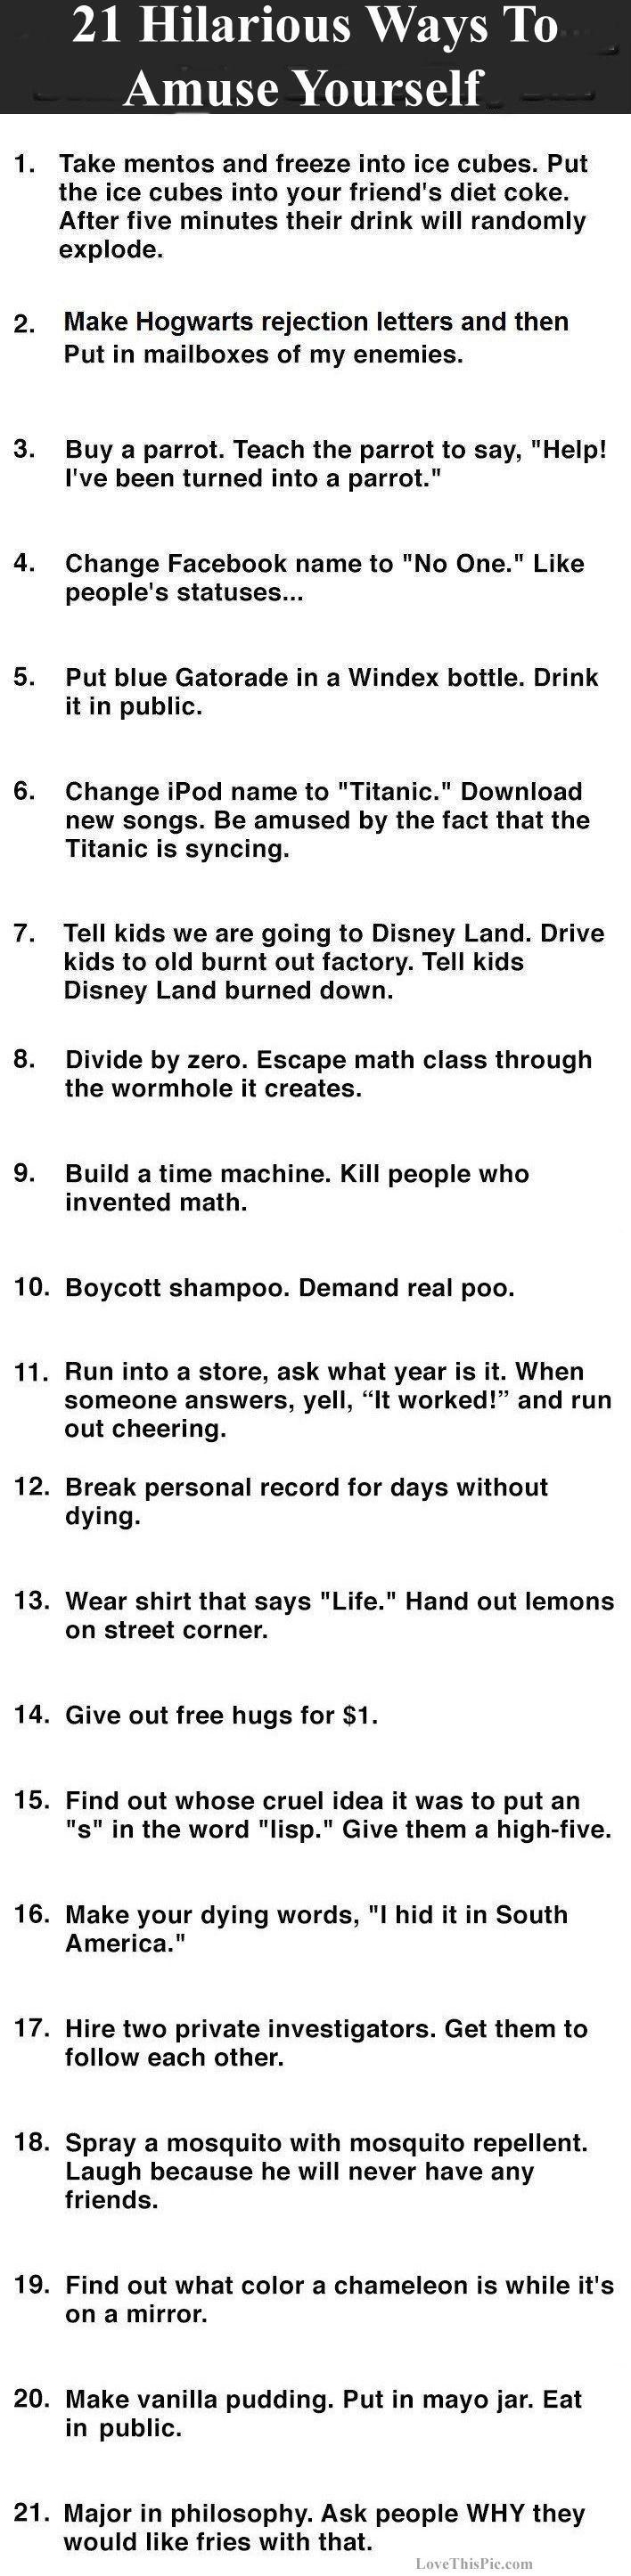 Hilariouswaysamuseyourselflistfunny Wititudes - 21 hilarious reasons break someone